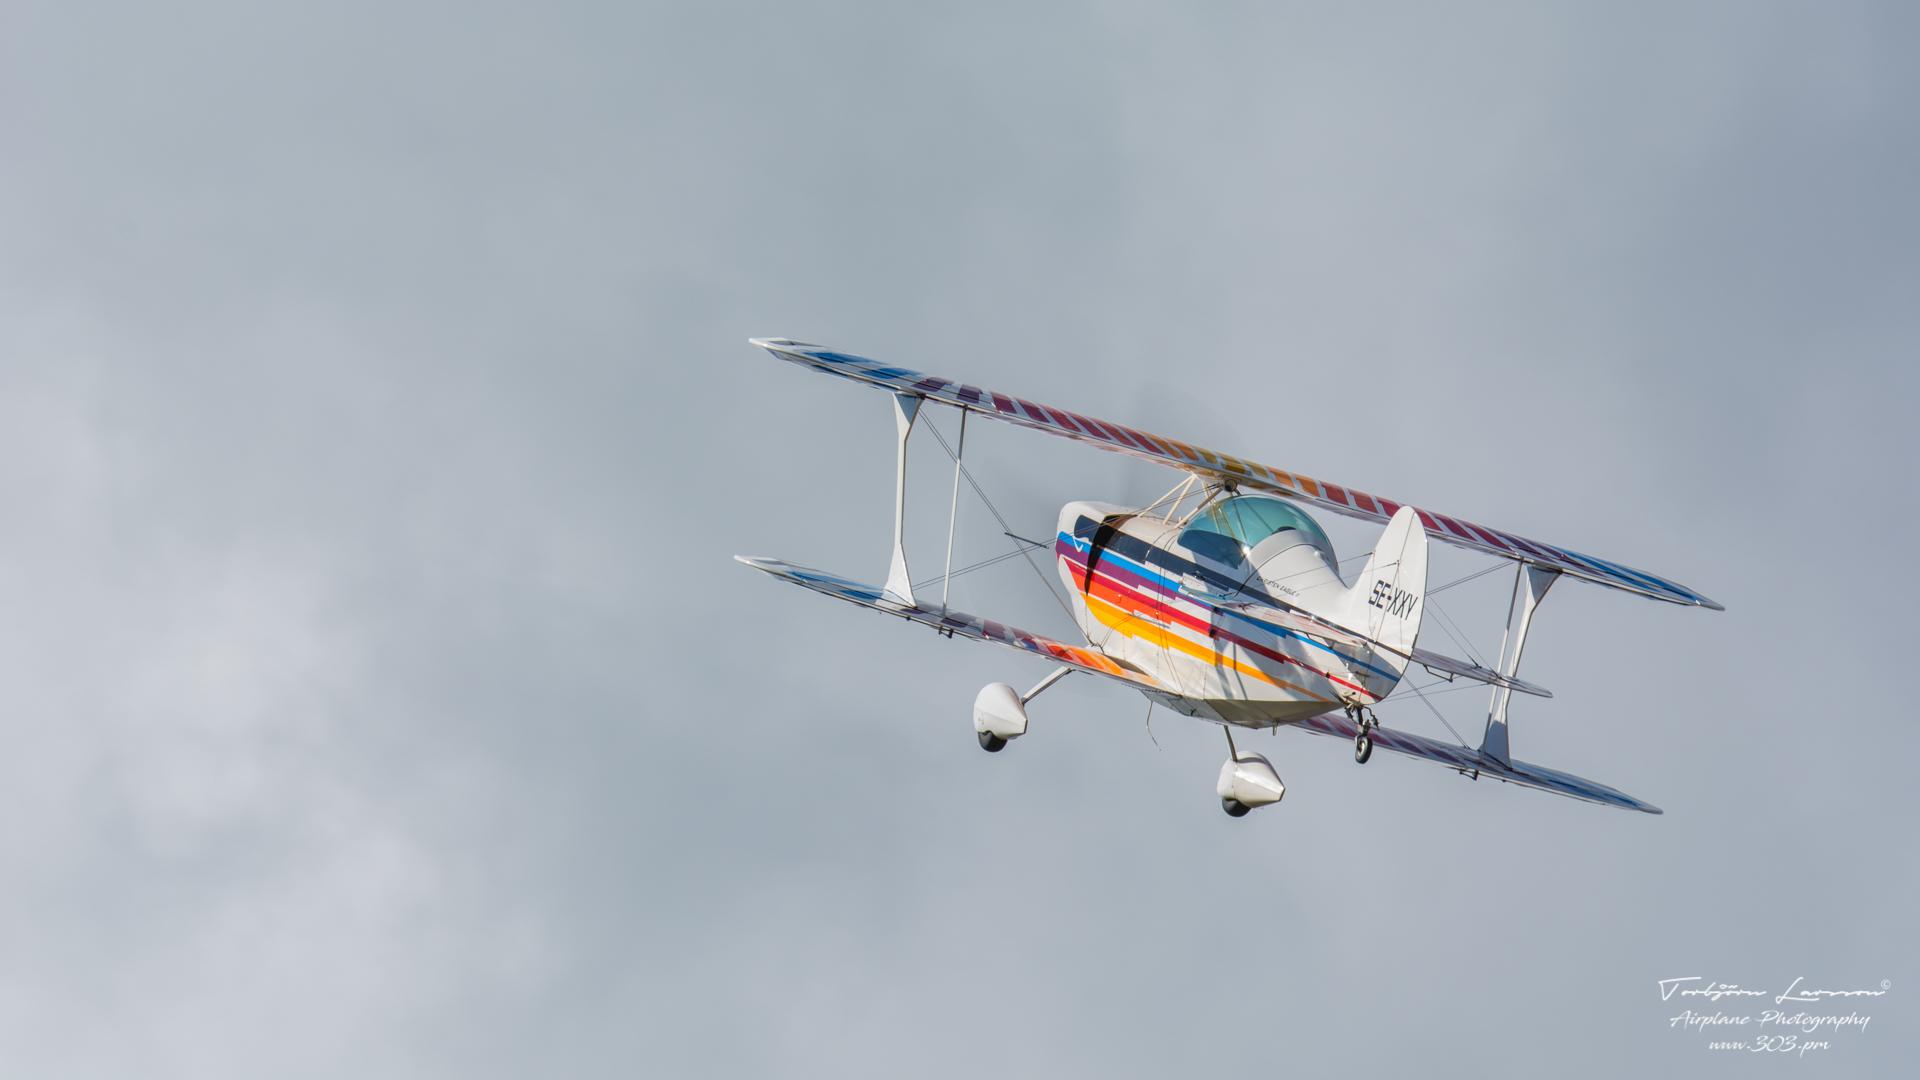 TBE_9683-Aviat Eagle-II (SE-XXY)